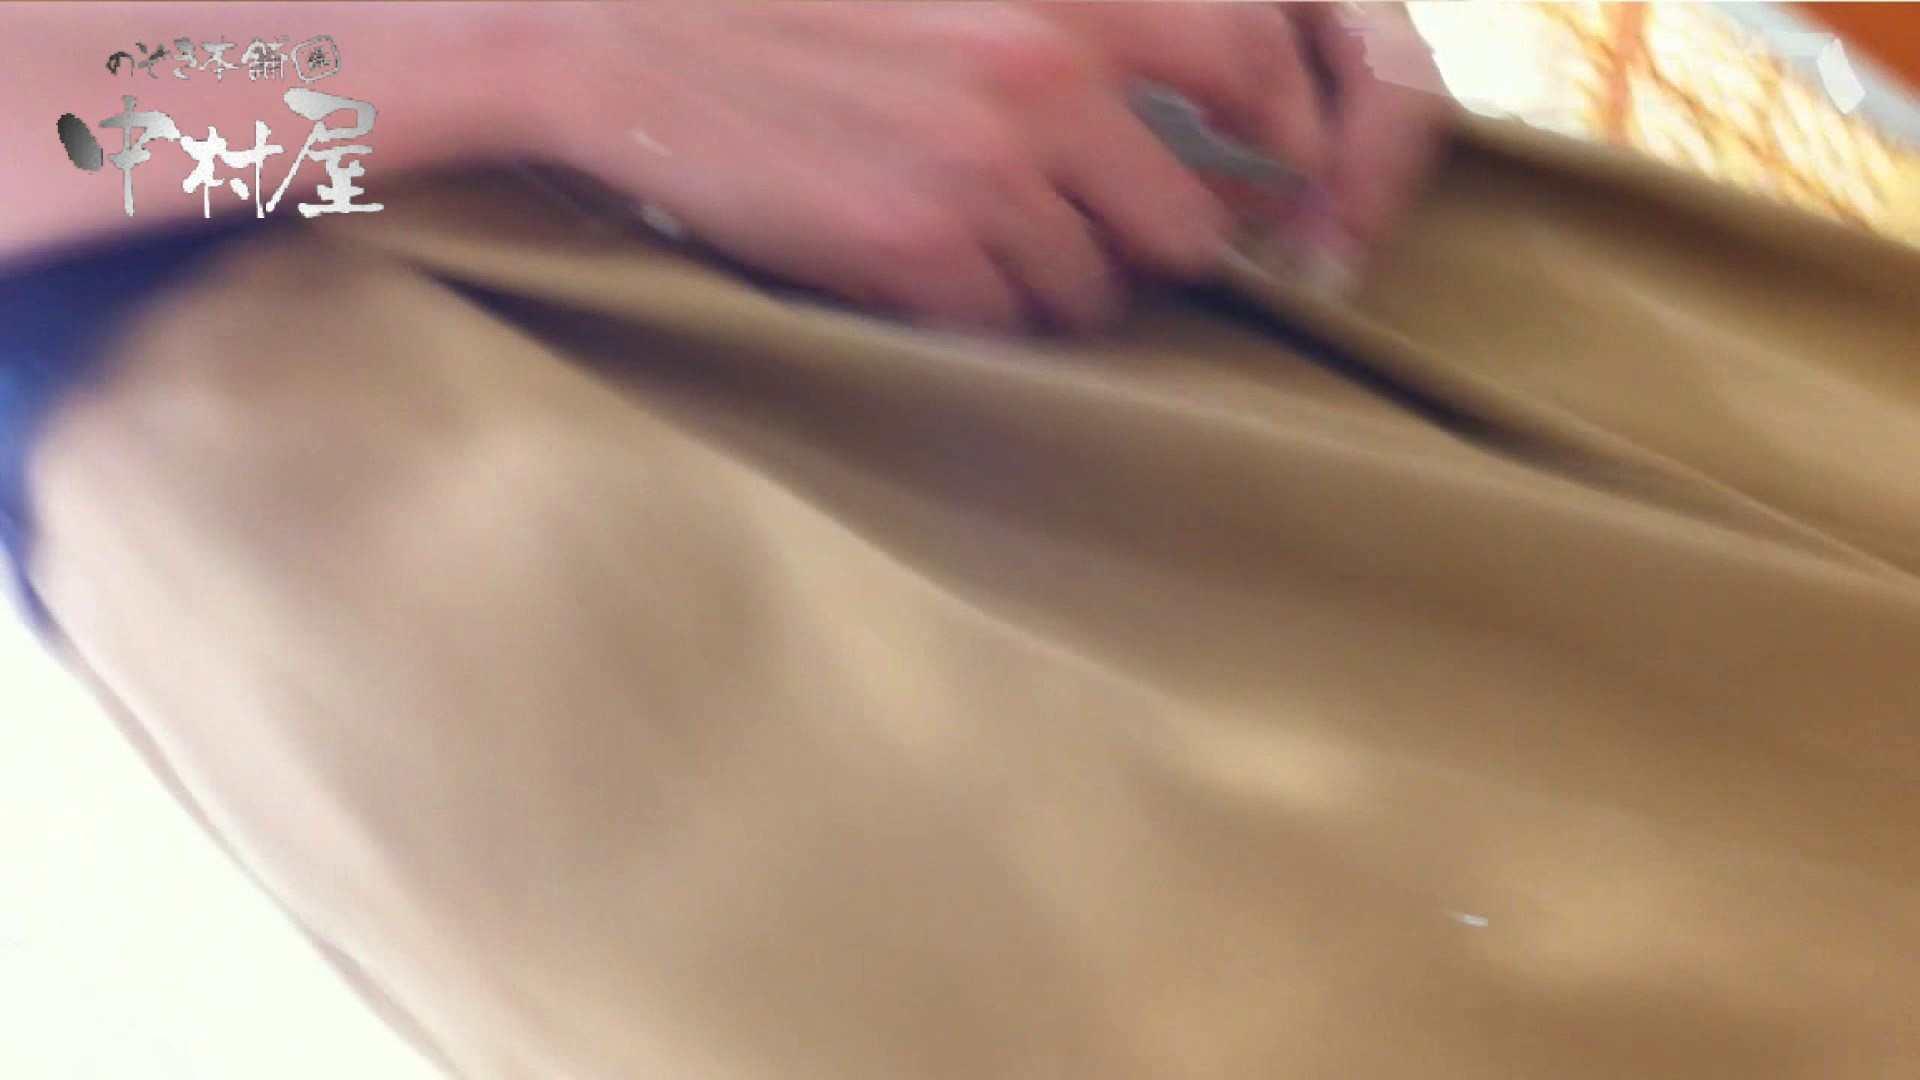 vol.49 可愛いカリスマ店員‼胸チラ&パンチラ お嬢様系店員さん 接写  78pic 28